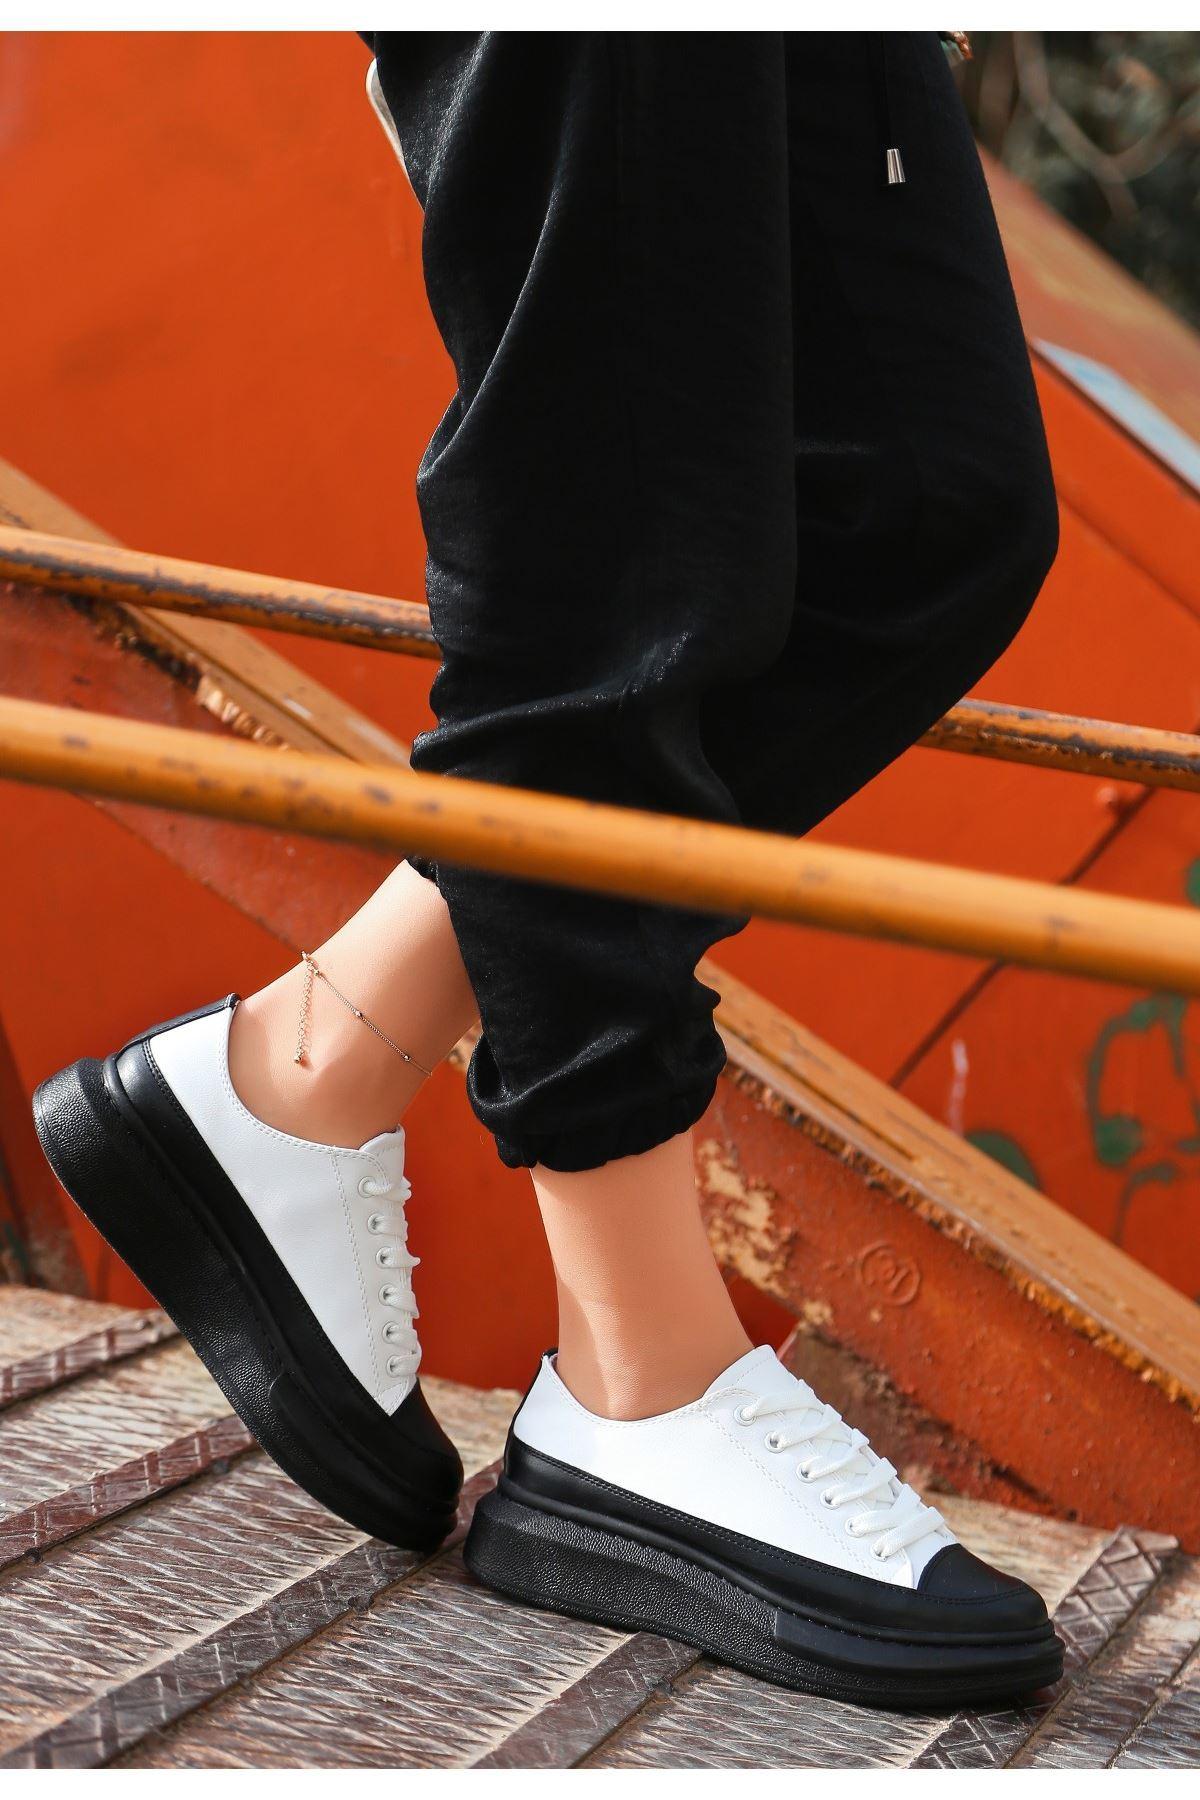 Voni Siyah/Beyaz Cilt Spor Ayakkabı